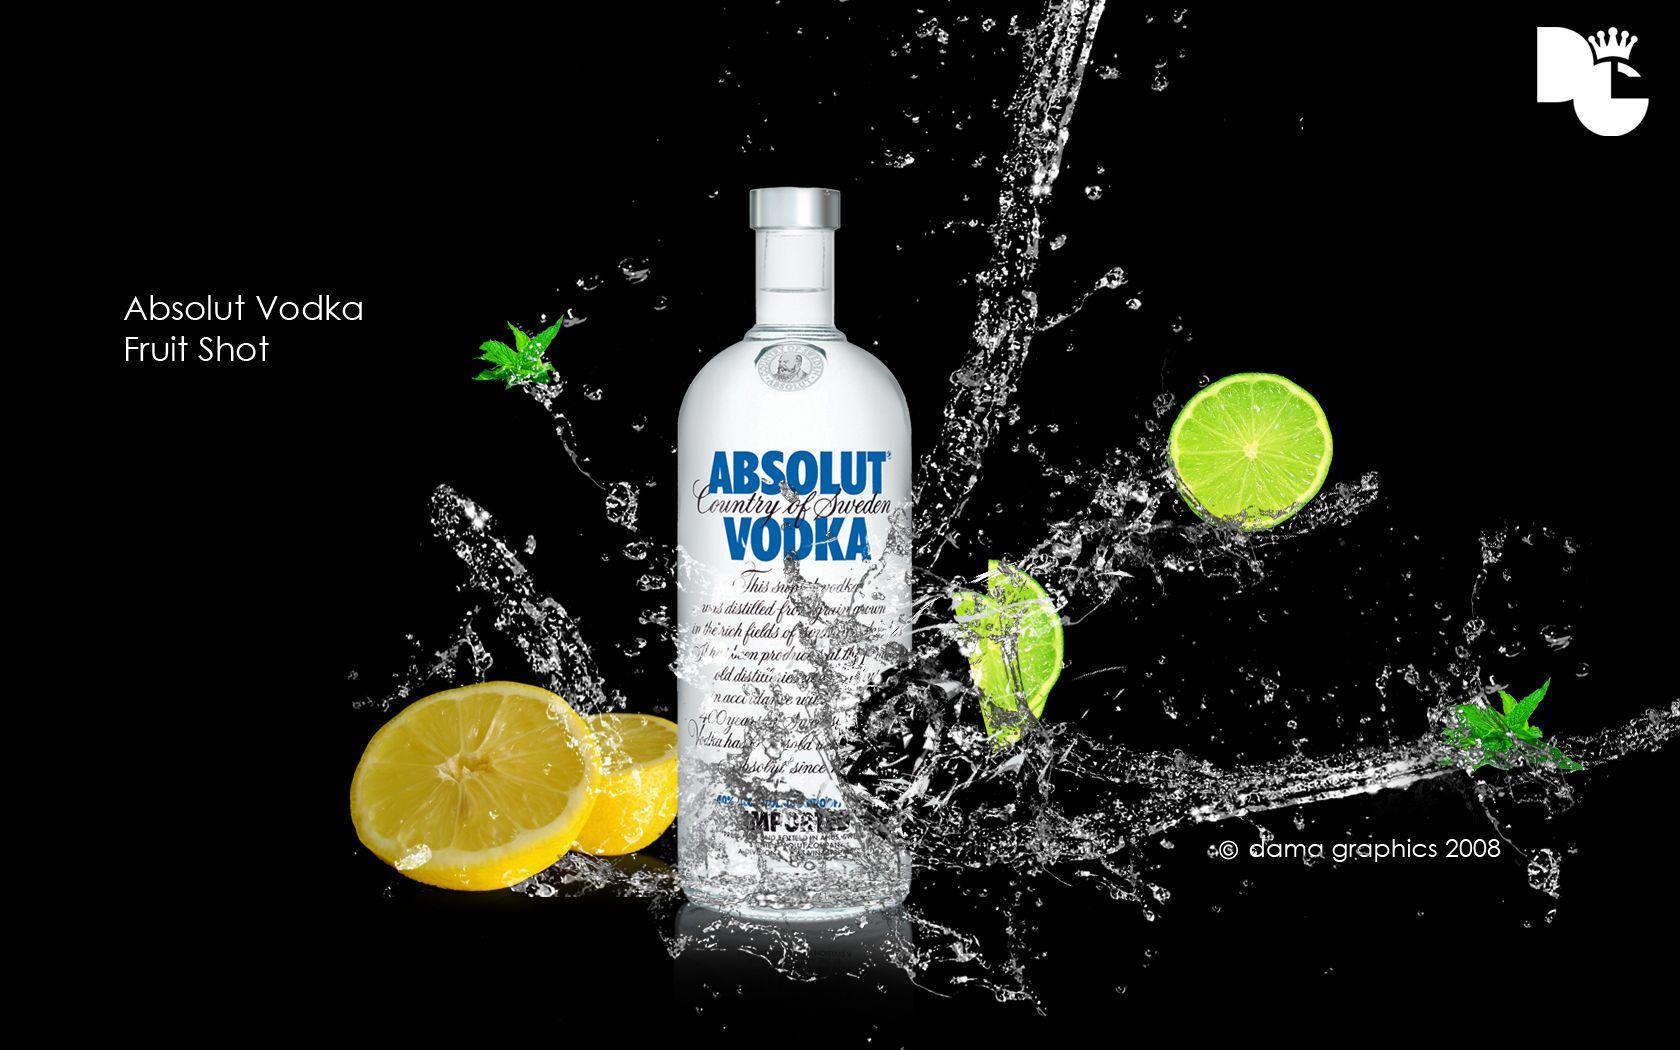 Absolut Vodka Historia Imagenes Y Publicidades Absolut Vodka